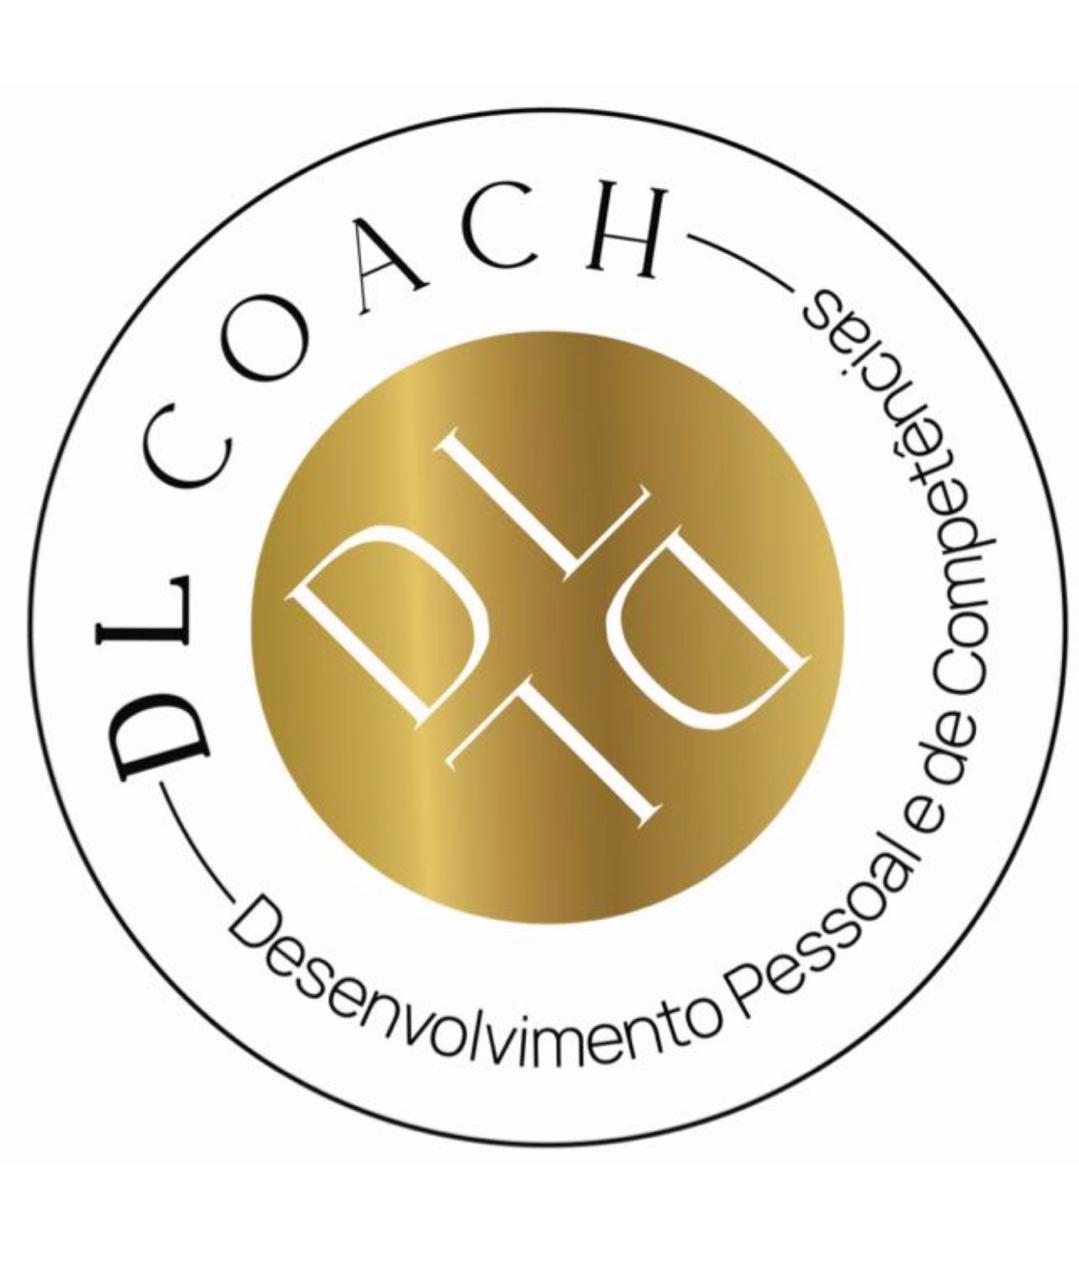 DICA DE LUXO (DESENVOLVIMENTO PESSOAL, DE COMPETÊNCIAS E TREINAMENTOS ESTRATÉGICOS)